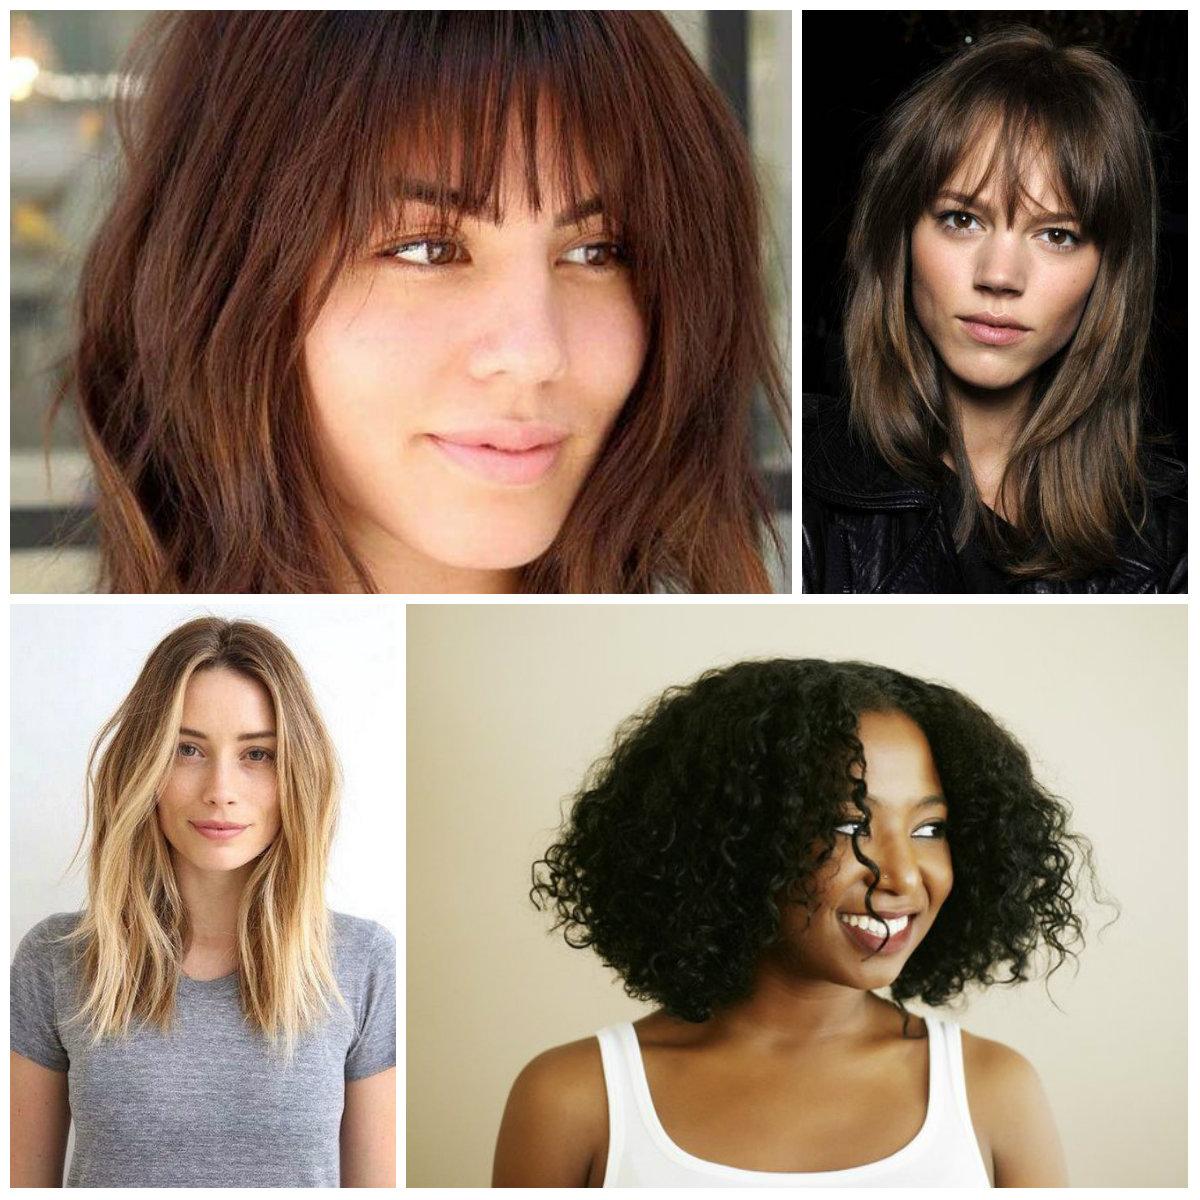 Beliebteste Frisur Trends von 2018